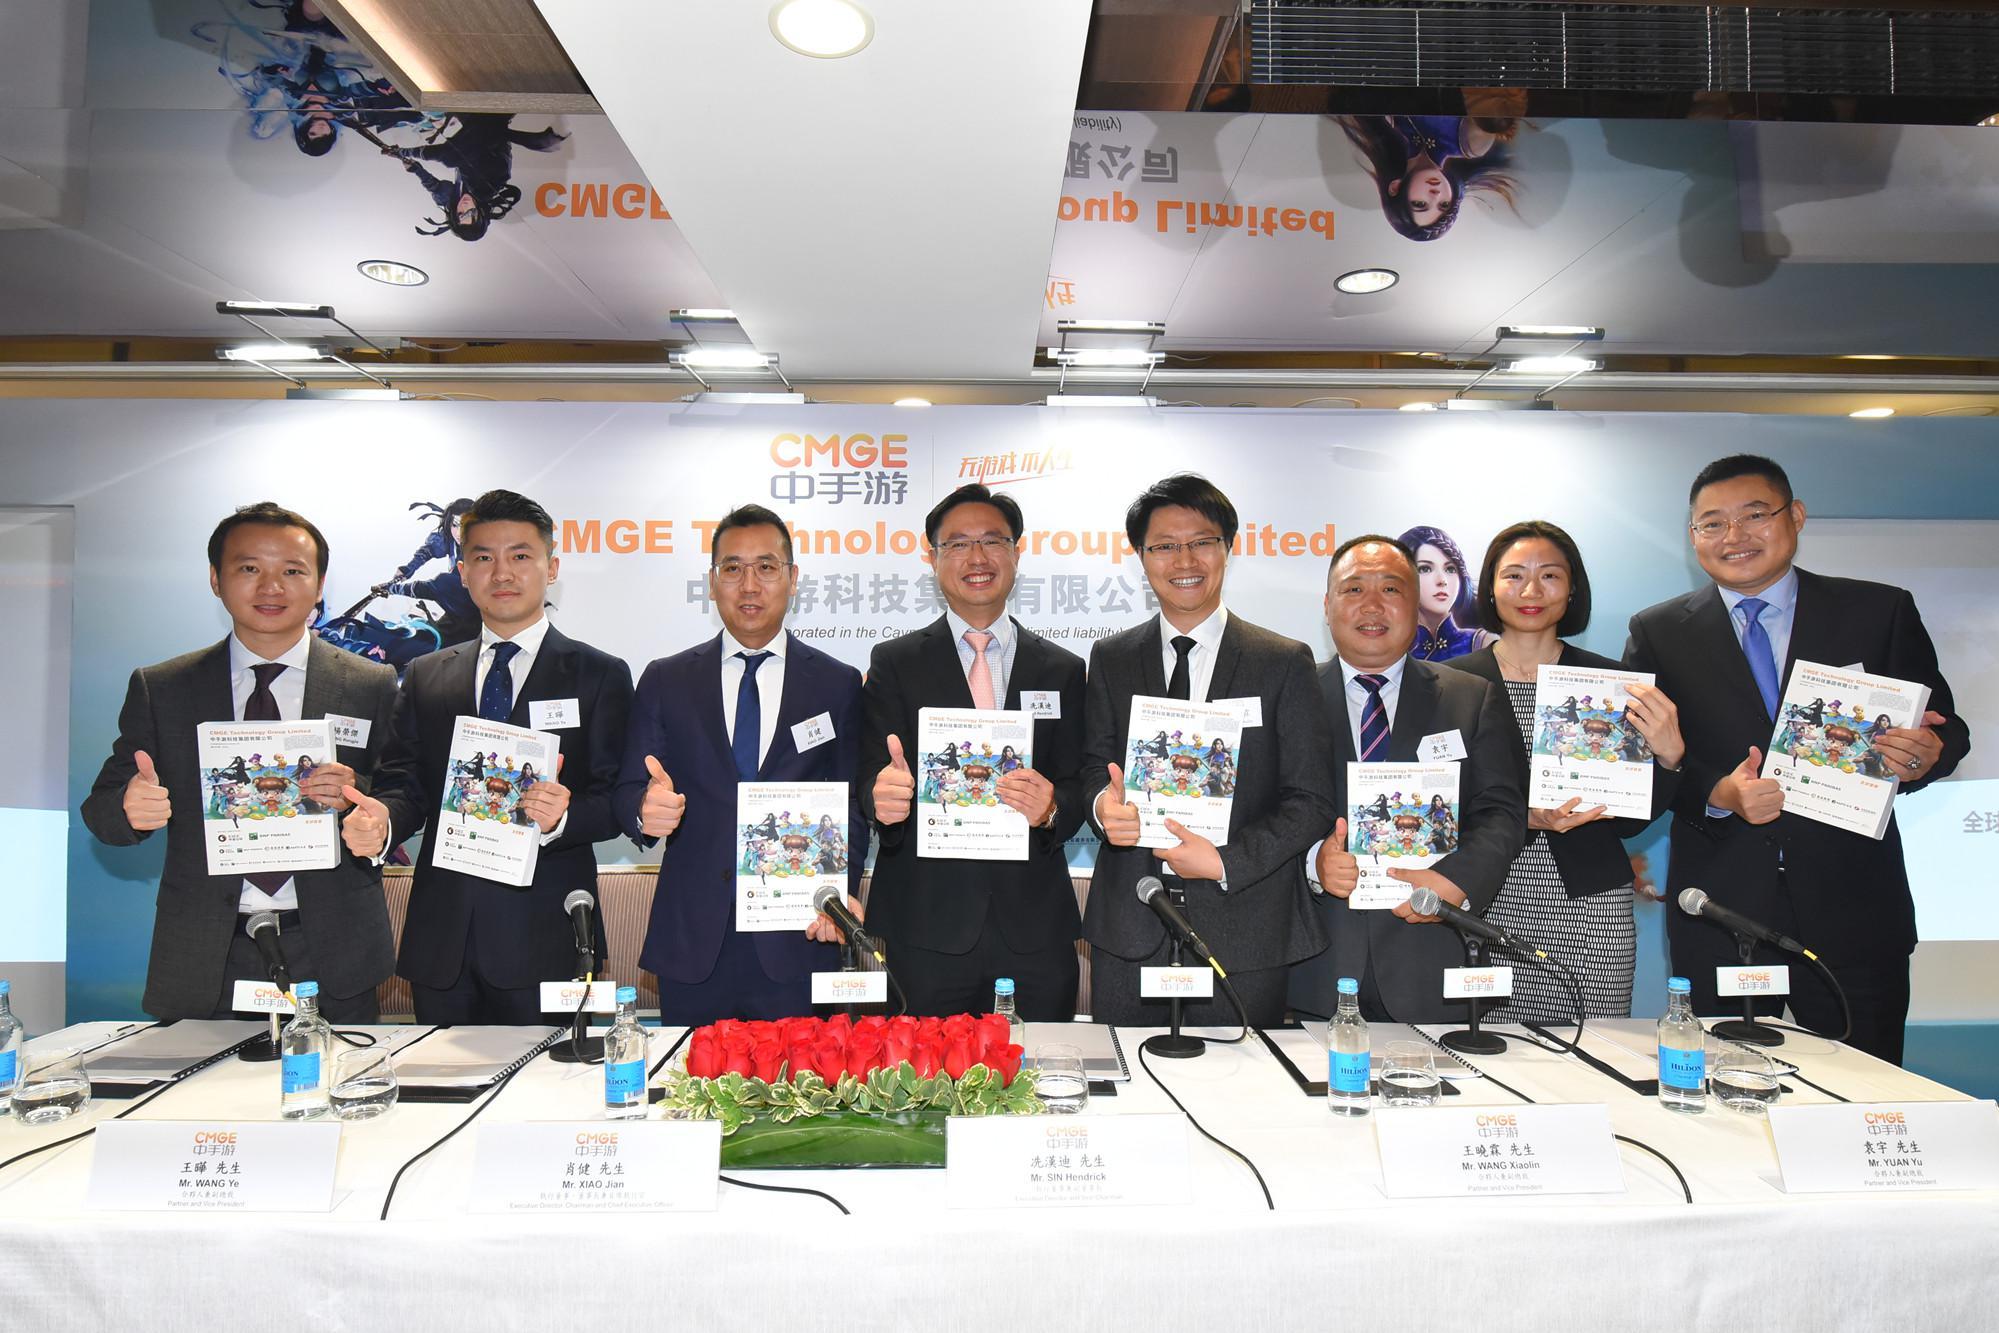 七大基石投资者出资2.5亿港元,中手游拟10月底正式挂牌